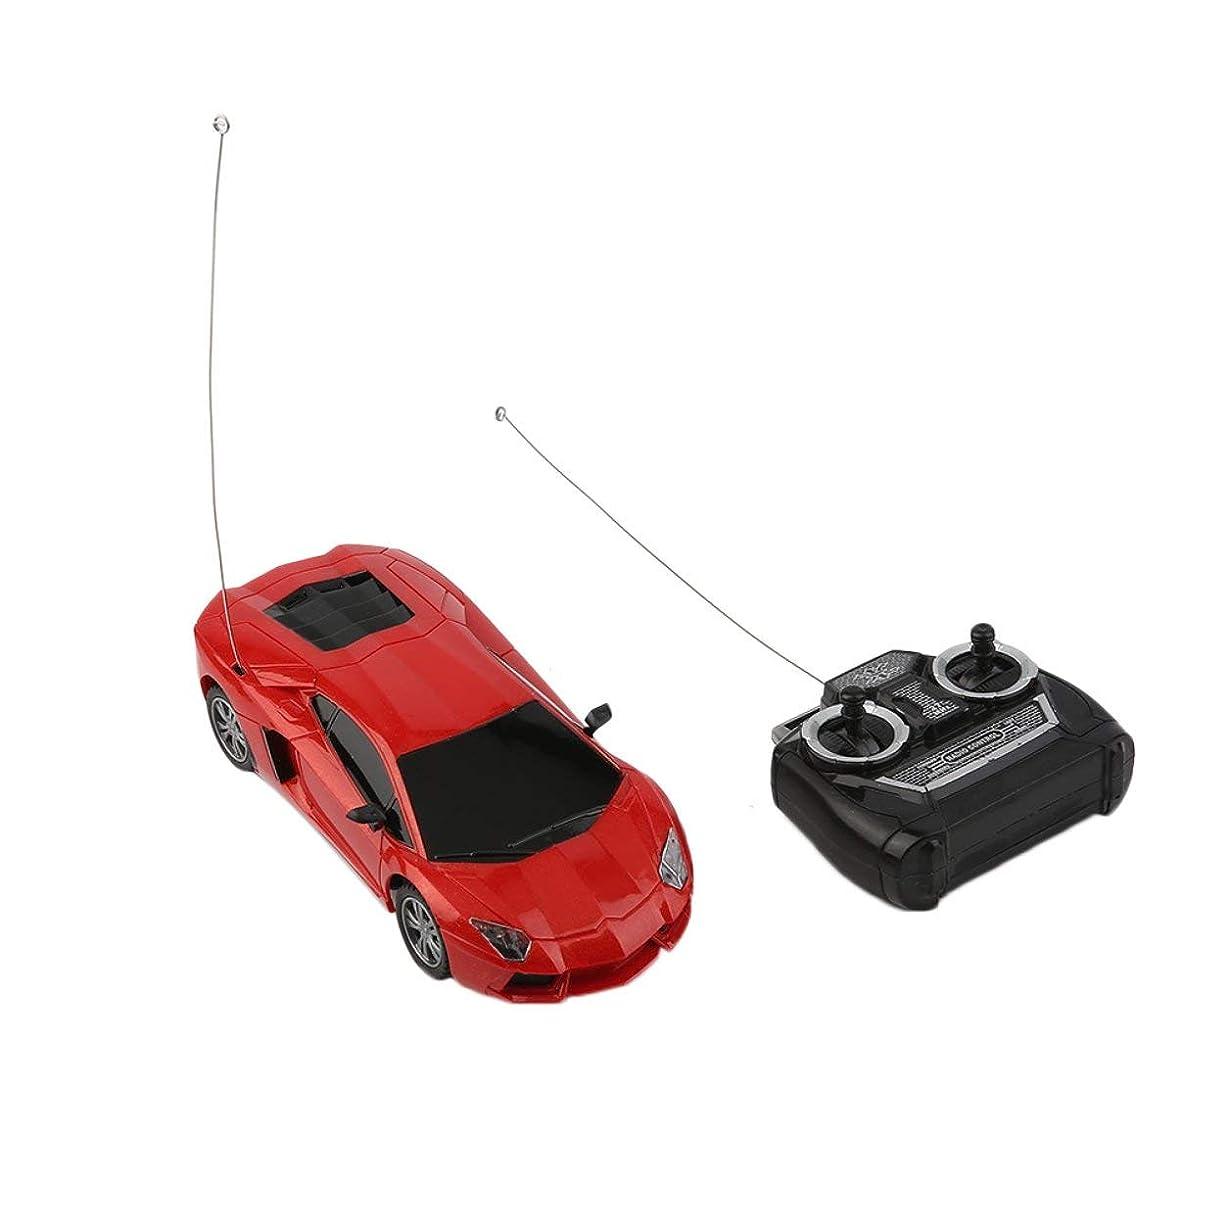 スケッチ持続的分割1:24子供キッド電気リモコンのおもちゃ4チャンネルレーシングカーのおもちゃ、赤